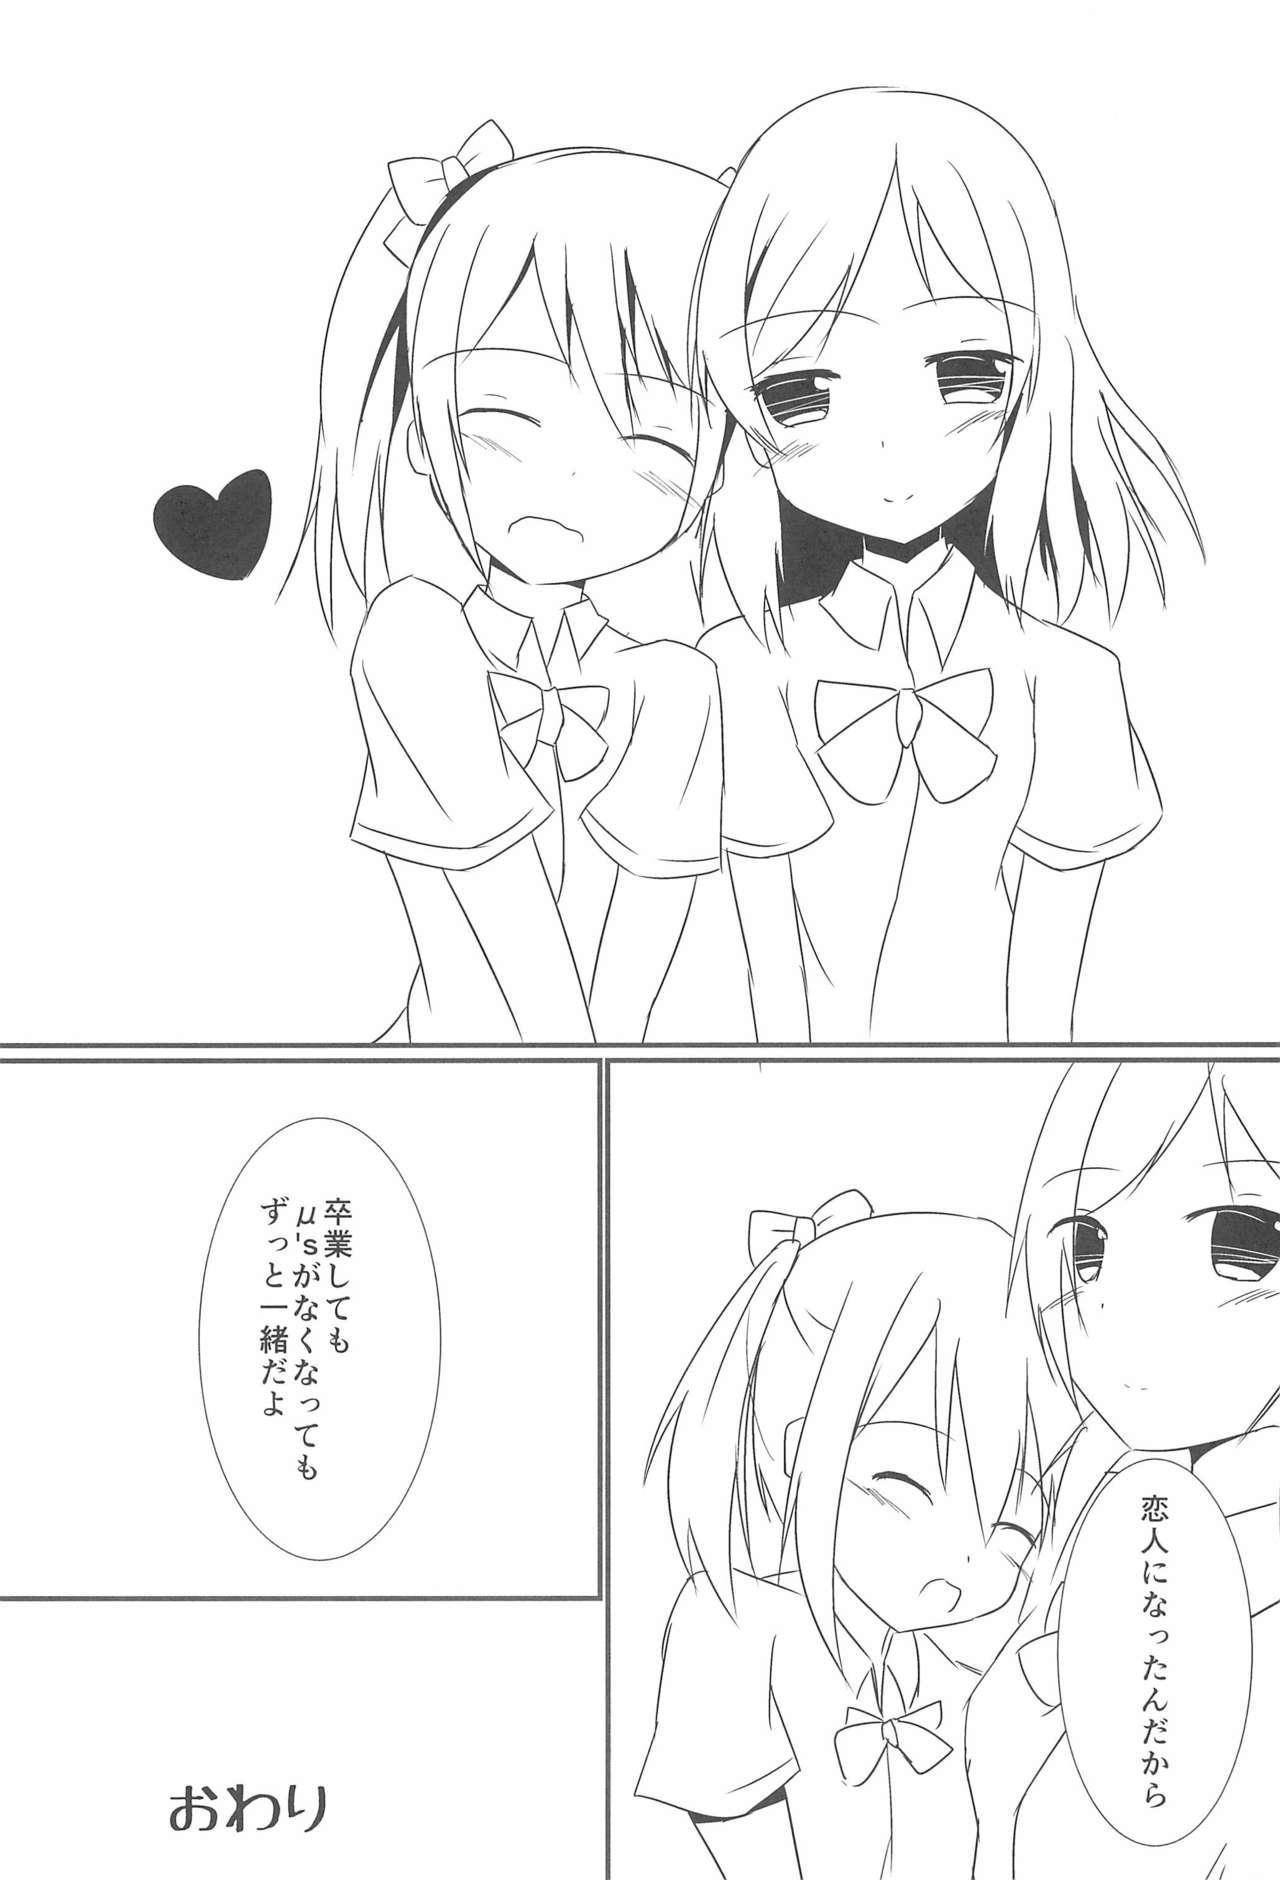 Tsukamaechau 24